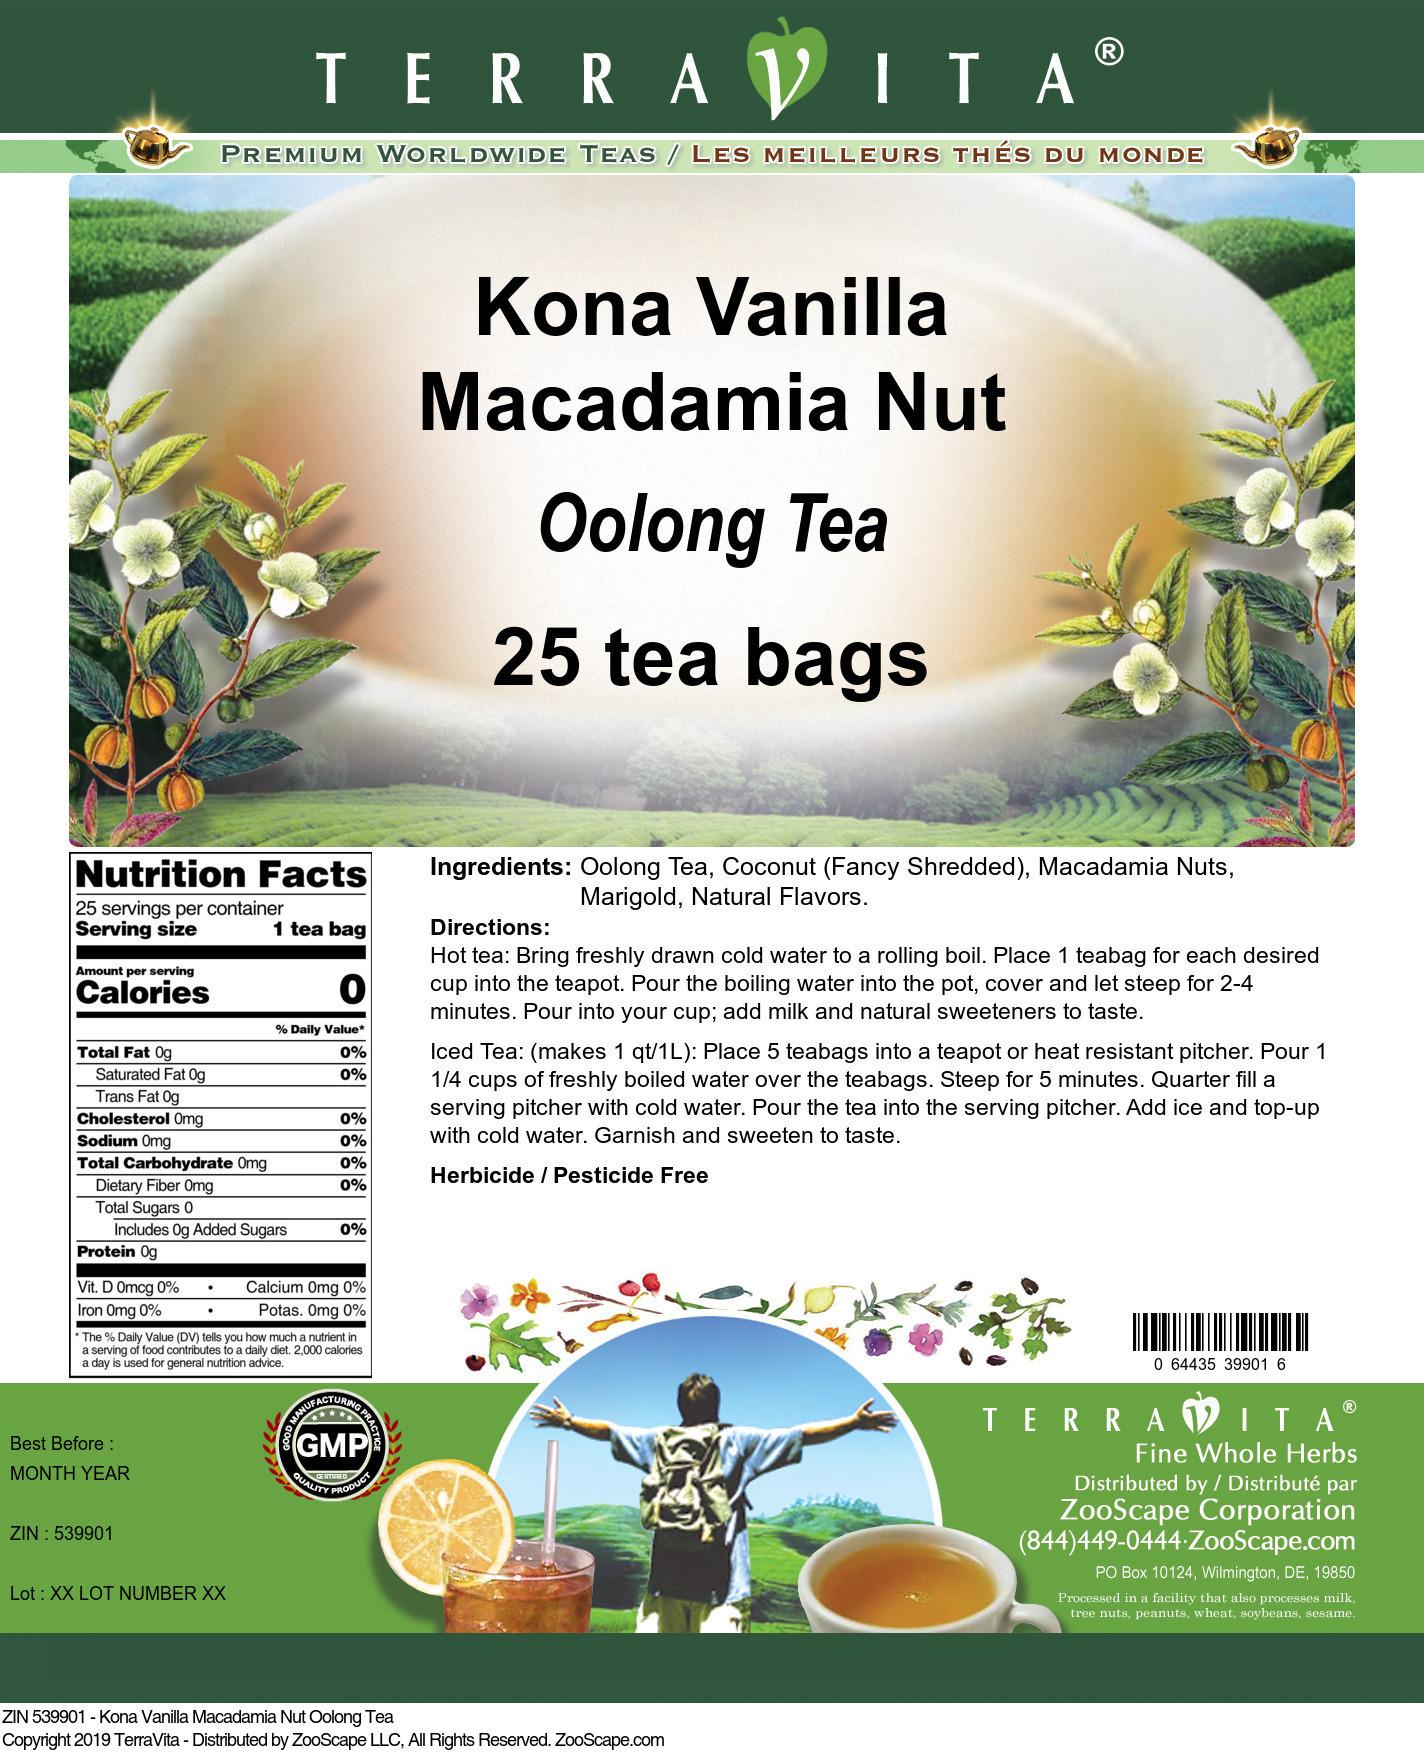 Kona Vanilla Macadamia Nut Oolong Tea